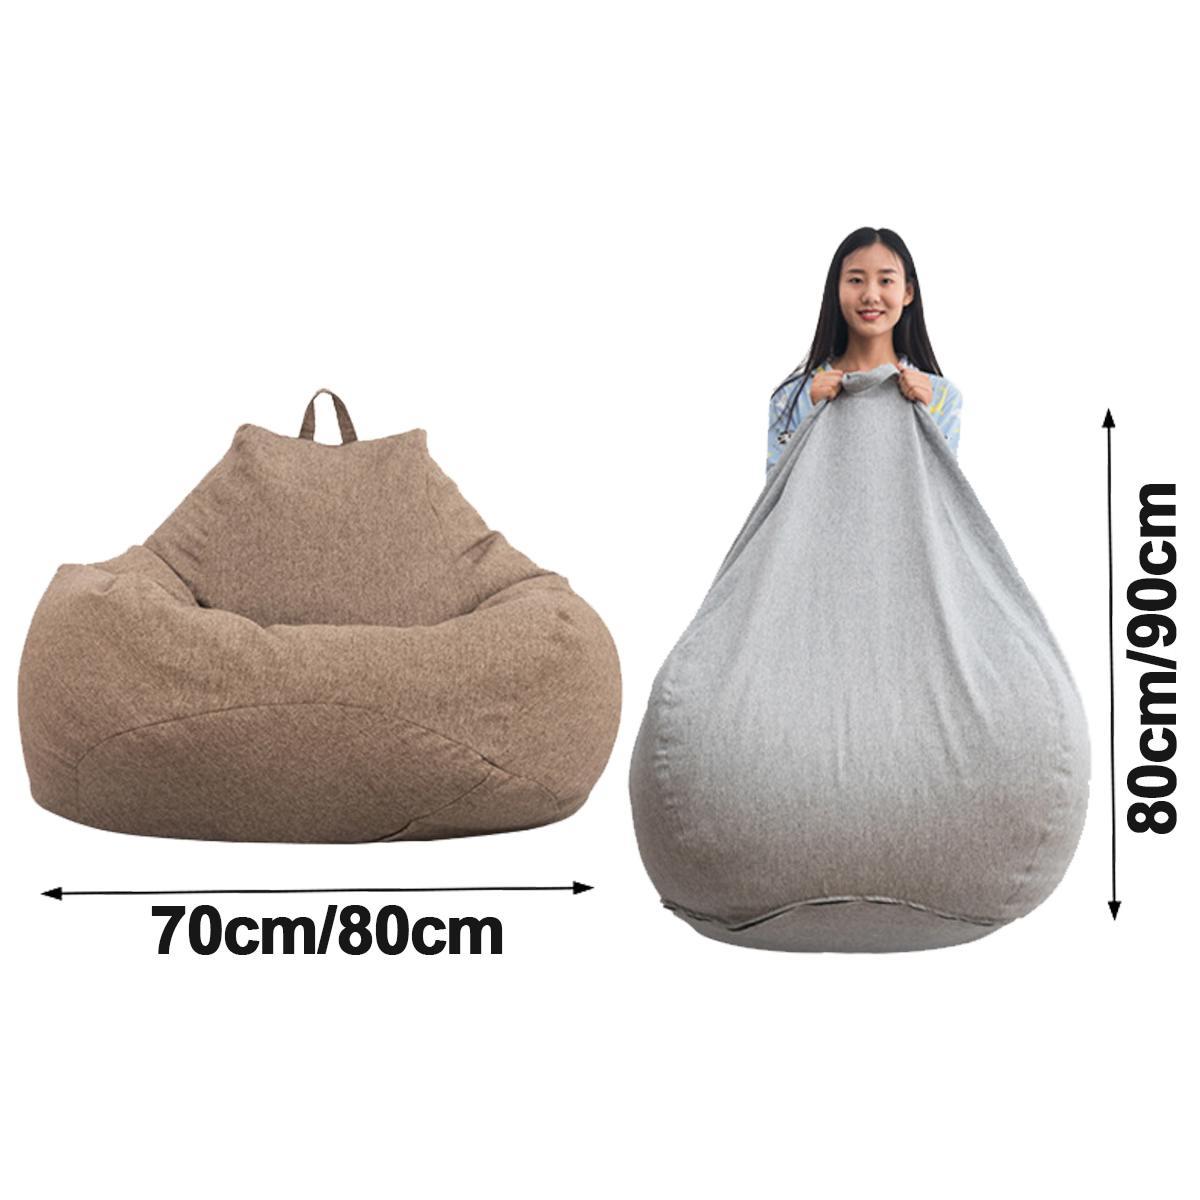 Forro interno preguiçoso beanbag sofás à prova dwaterproof água animais de pelúcia armazenamento brinquedo saco de feijão sem capa cadeira beanbag sofás forro apenas